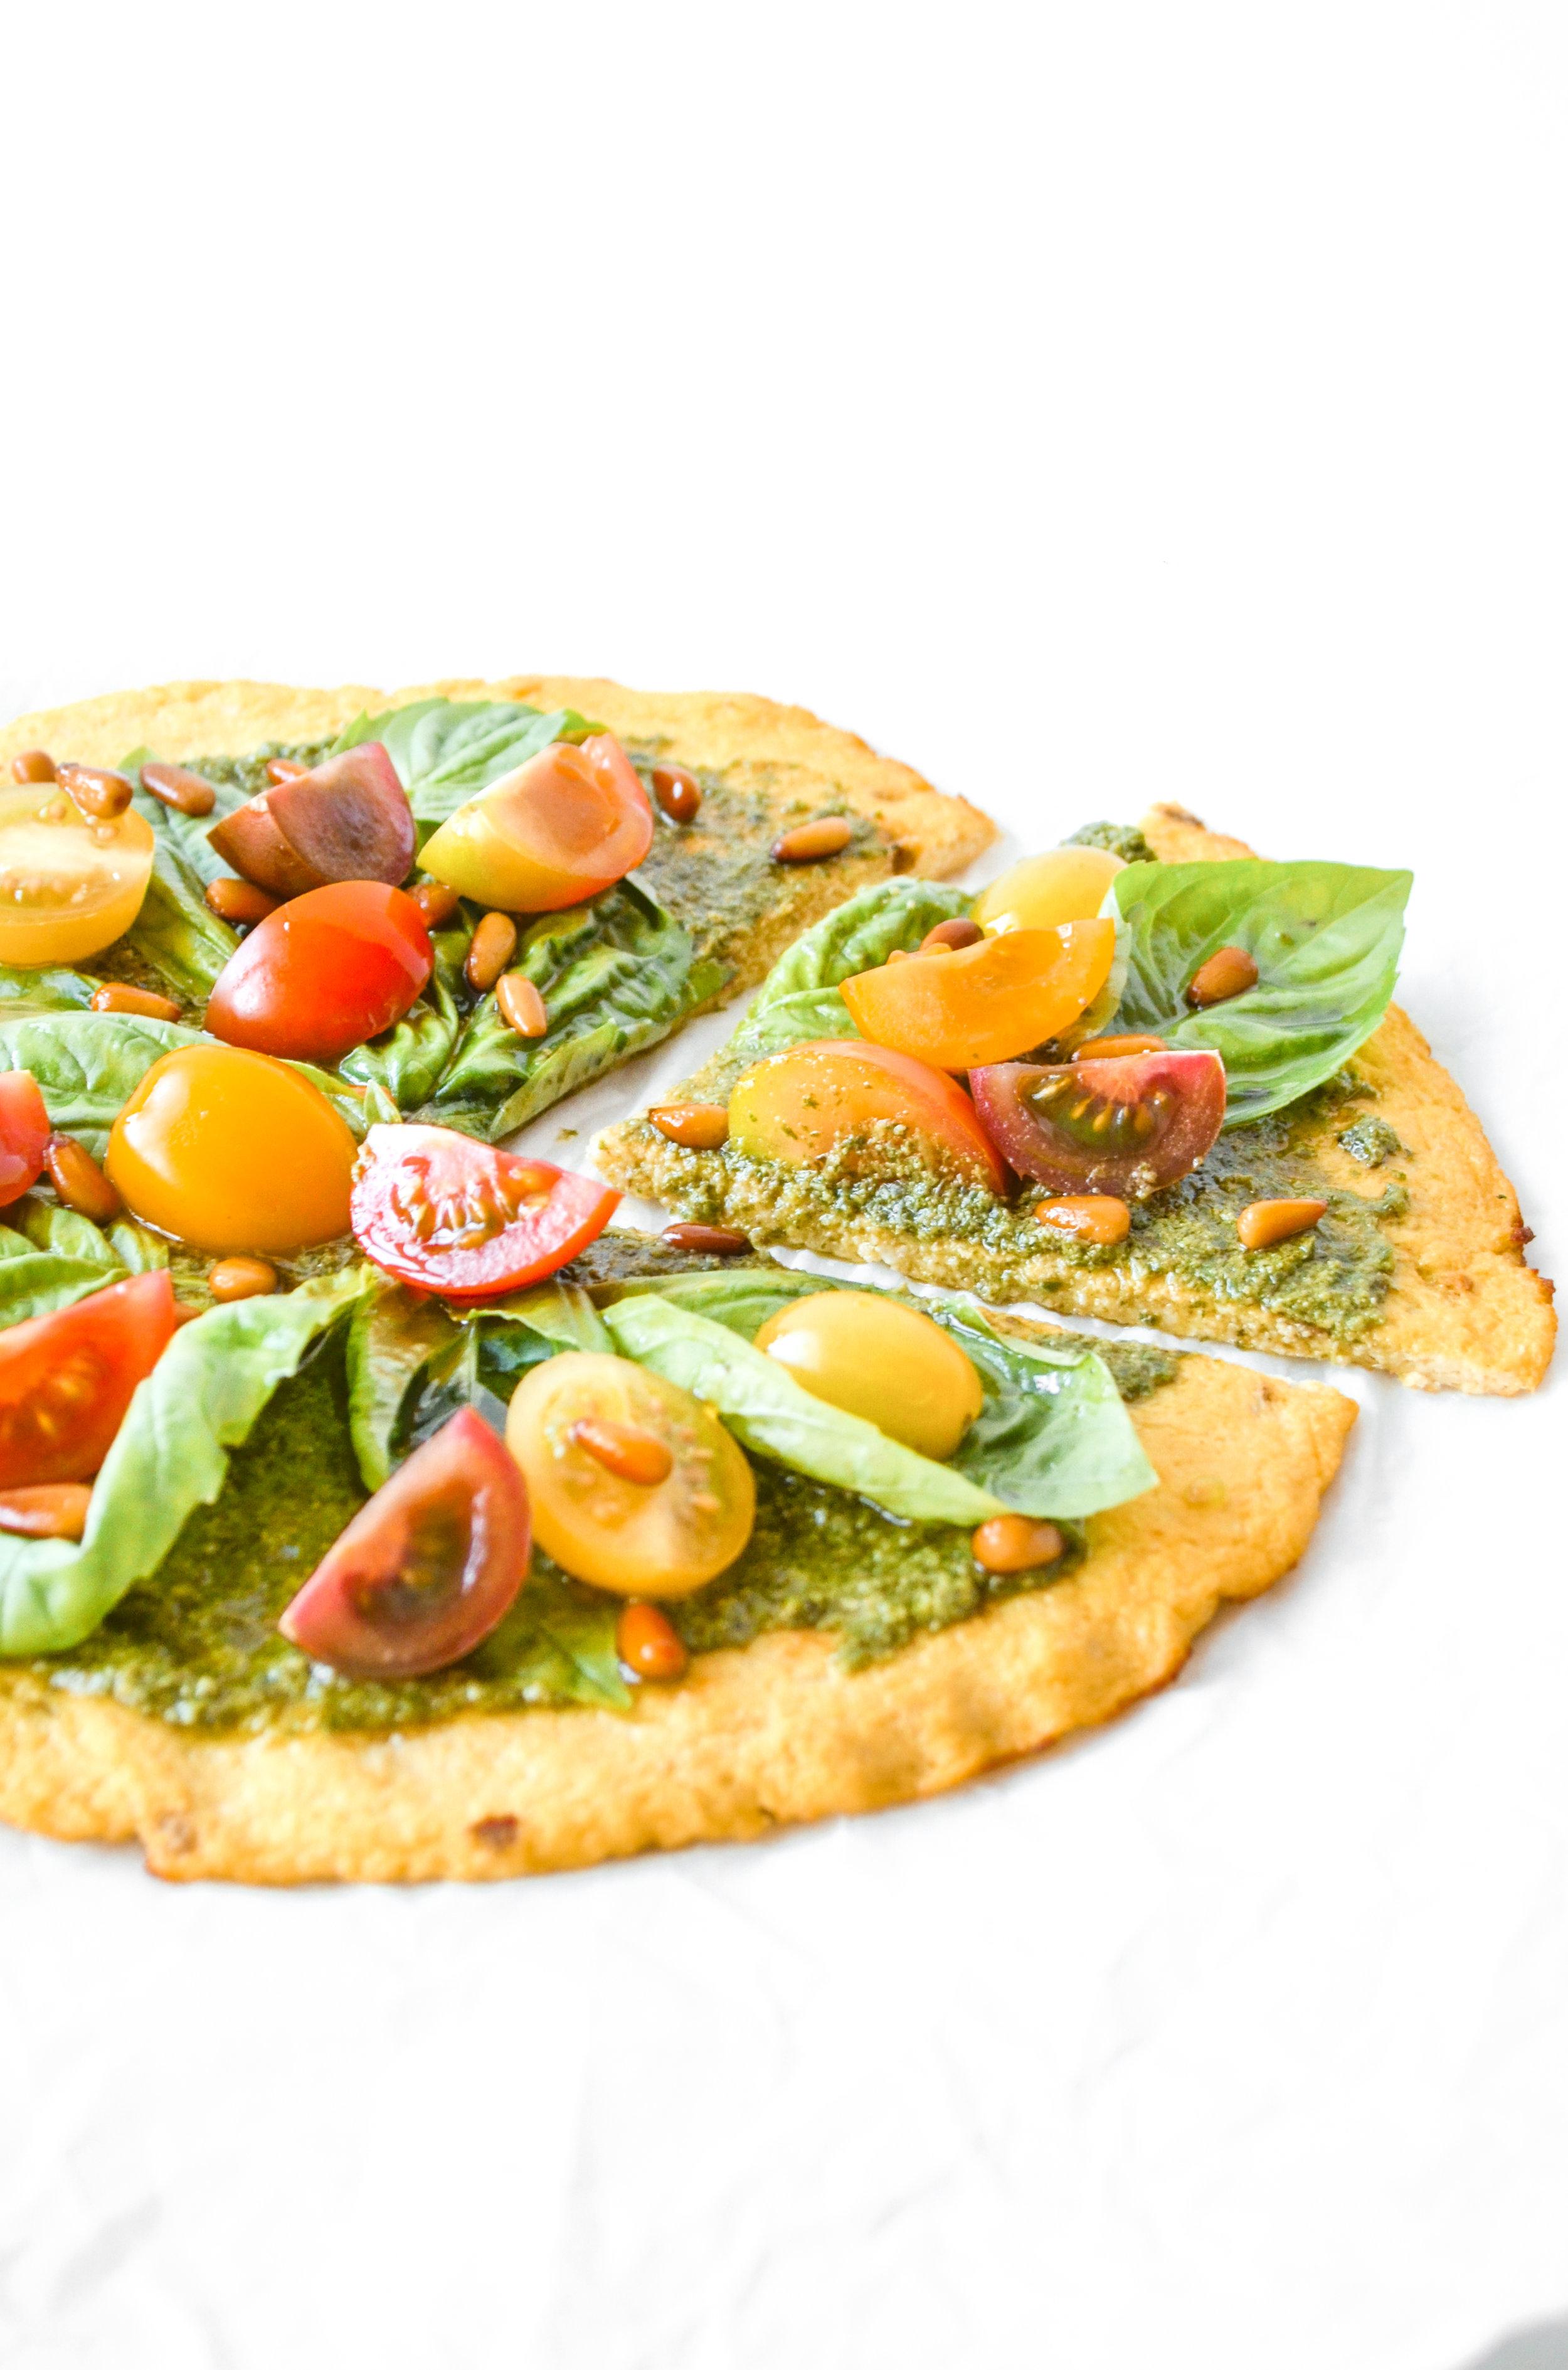 paleo pesto pizza with cauliflower crust // #ShiraRD #paleo #refinedsugarfree #SnacksbyShira